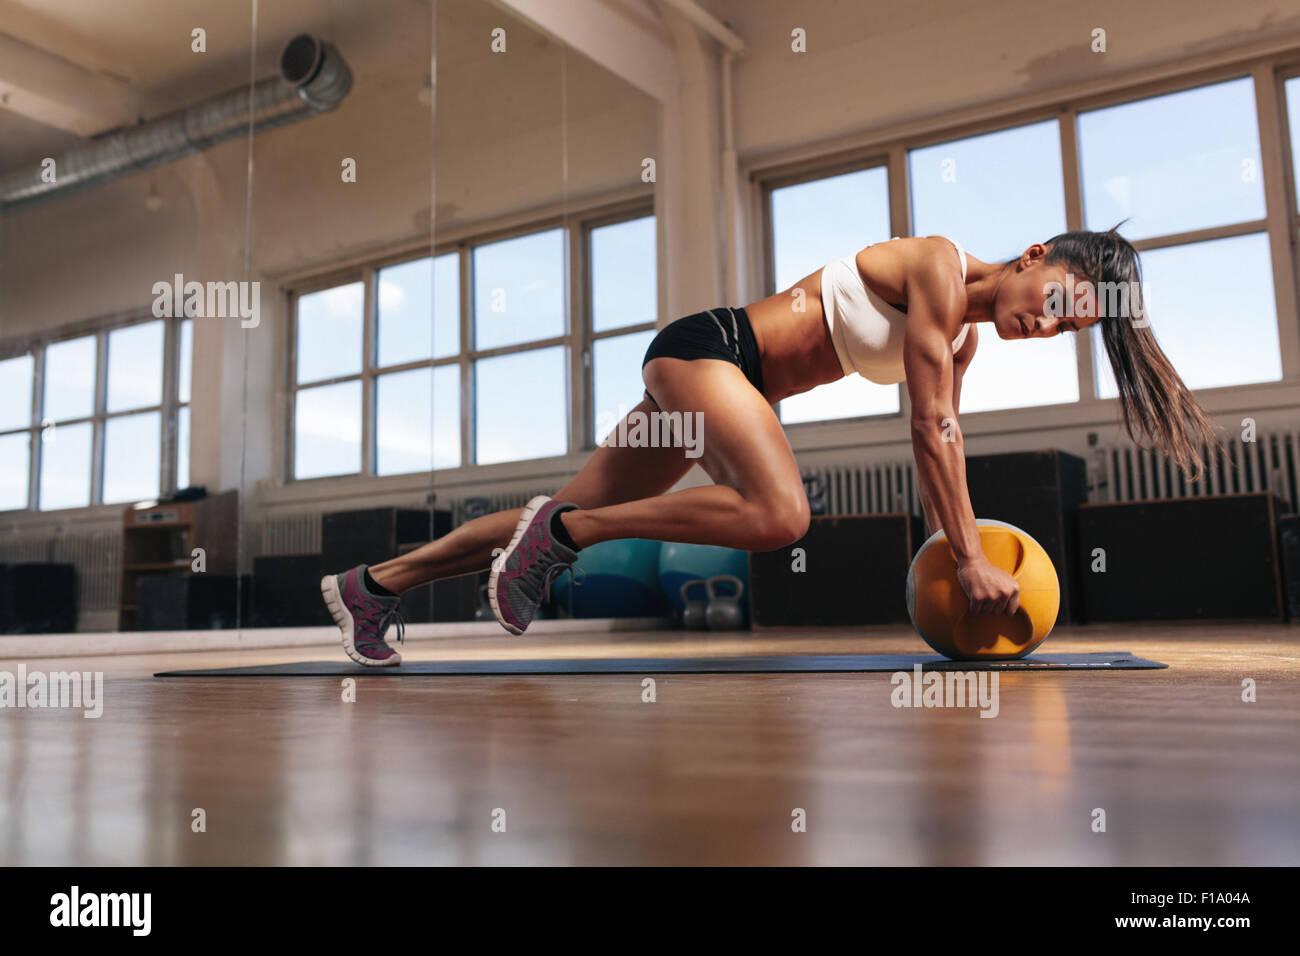 Ritratto di una vestibilità e donna muscolare facendo nucleo di intenso allenamento con kettlebell in palestra. Immagini Stock